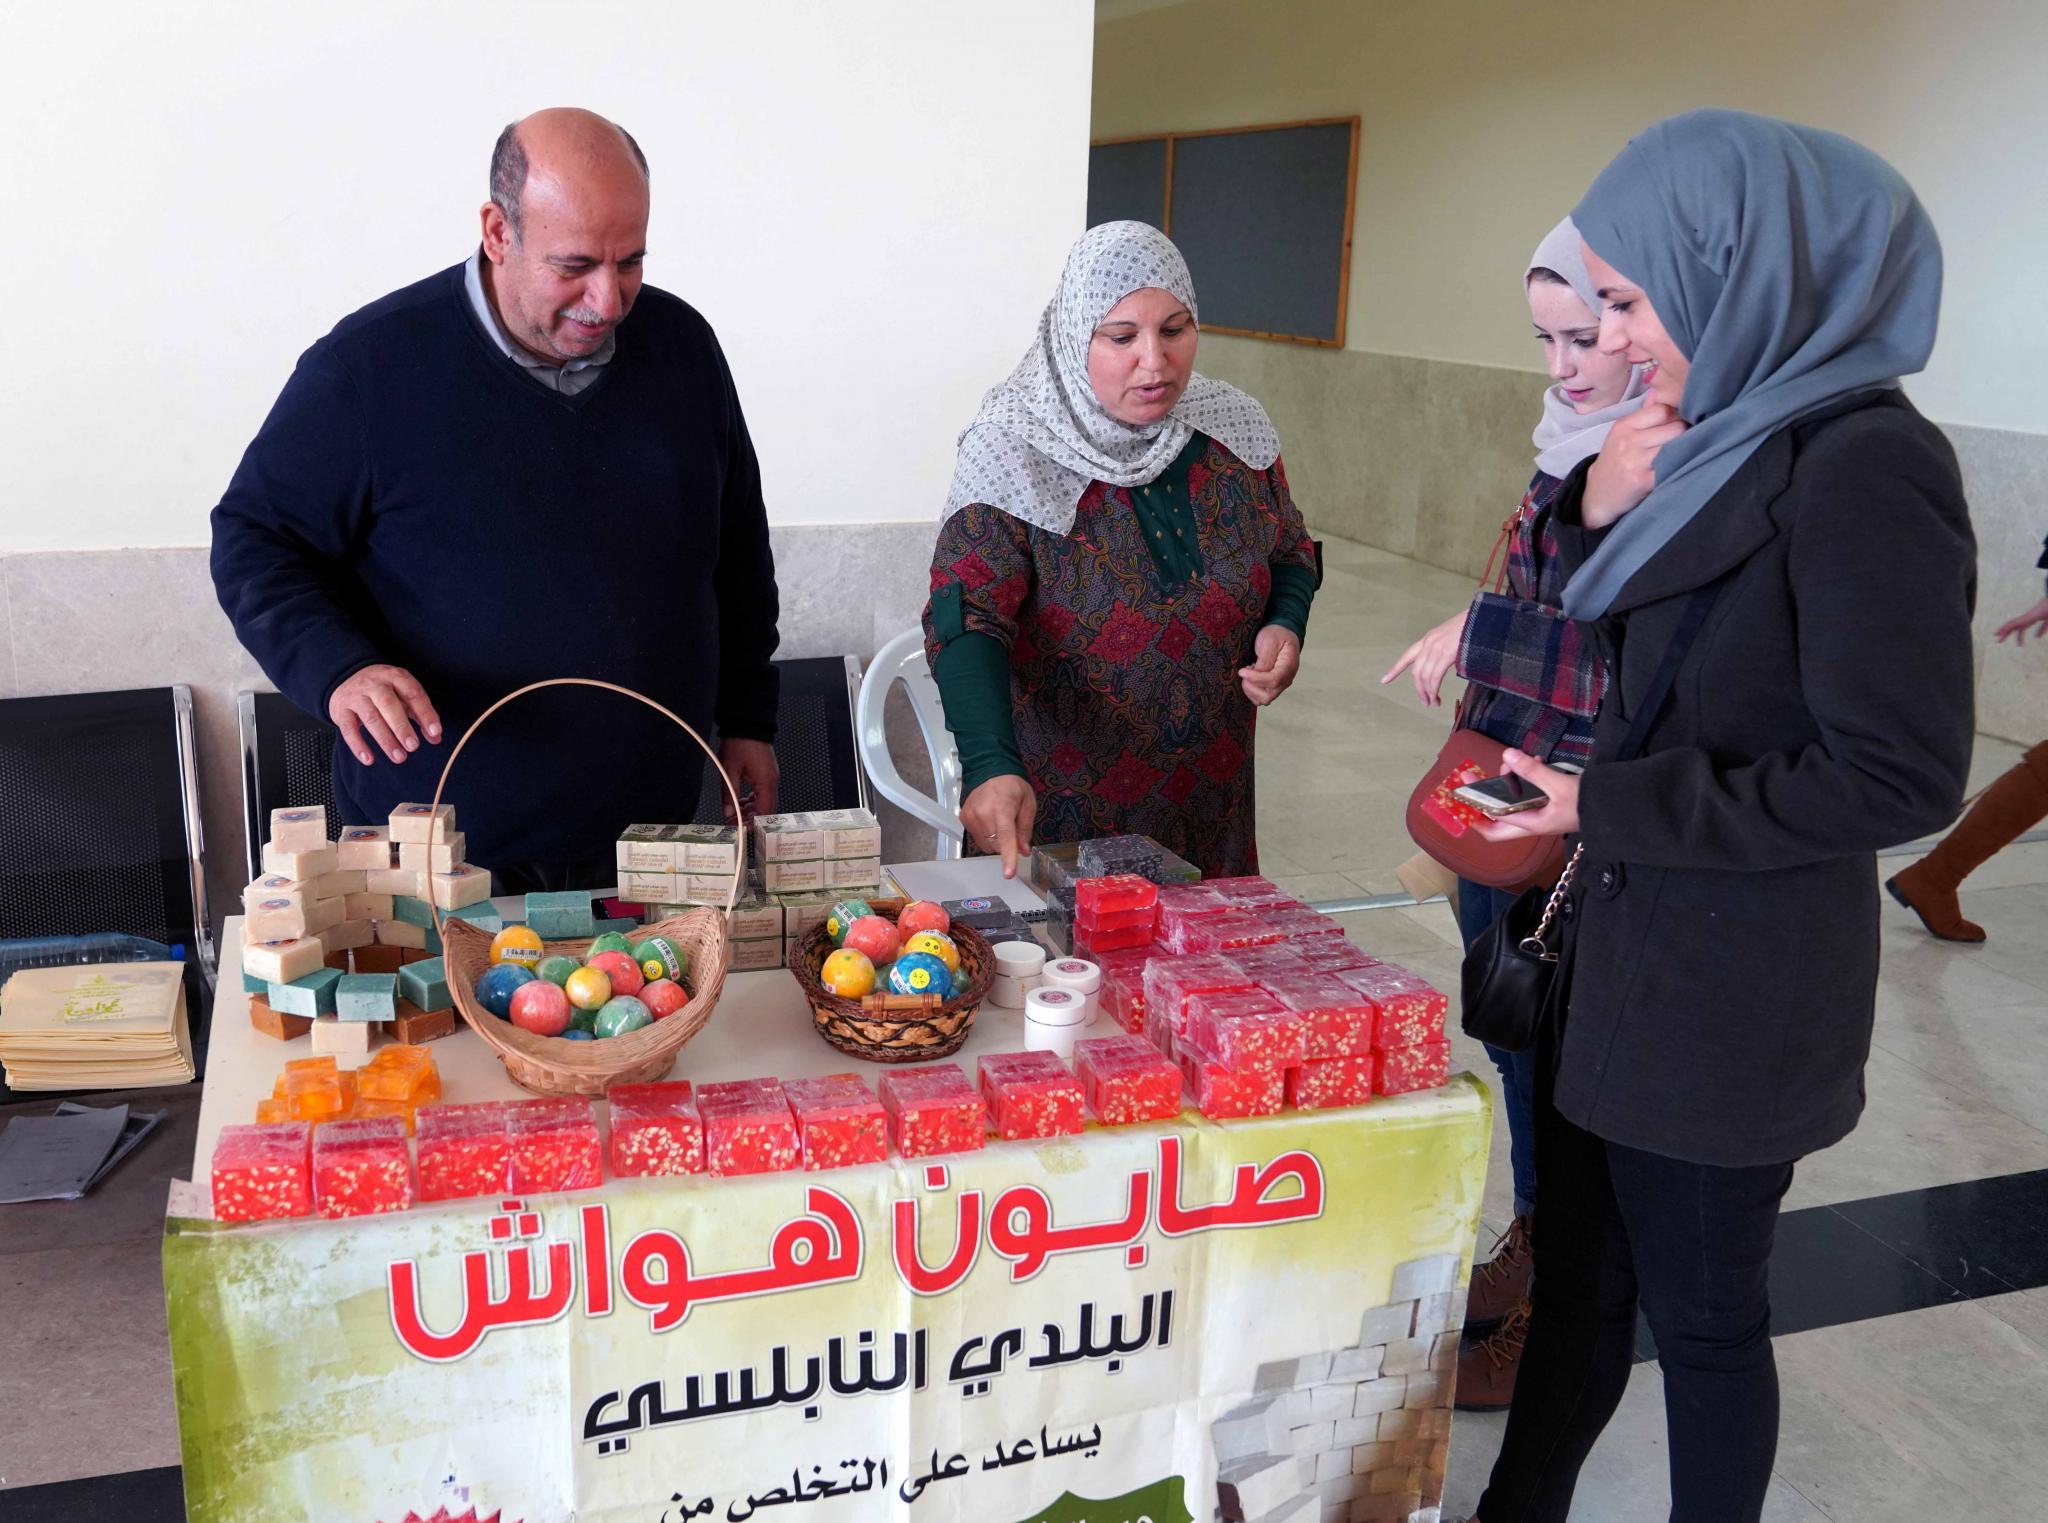 جانب من يوم التراث الفلسطيني في الجامعة